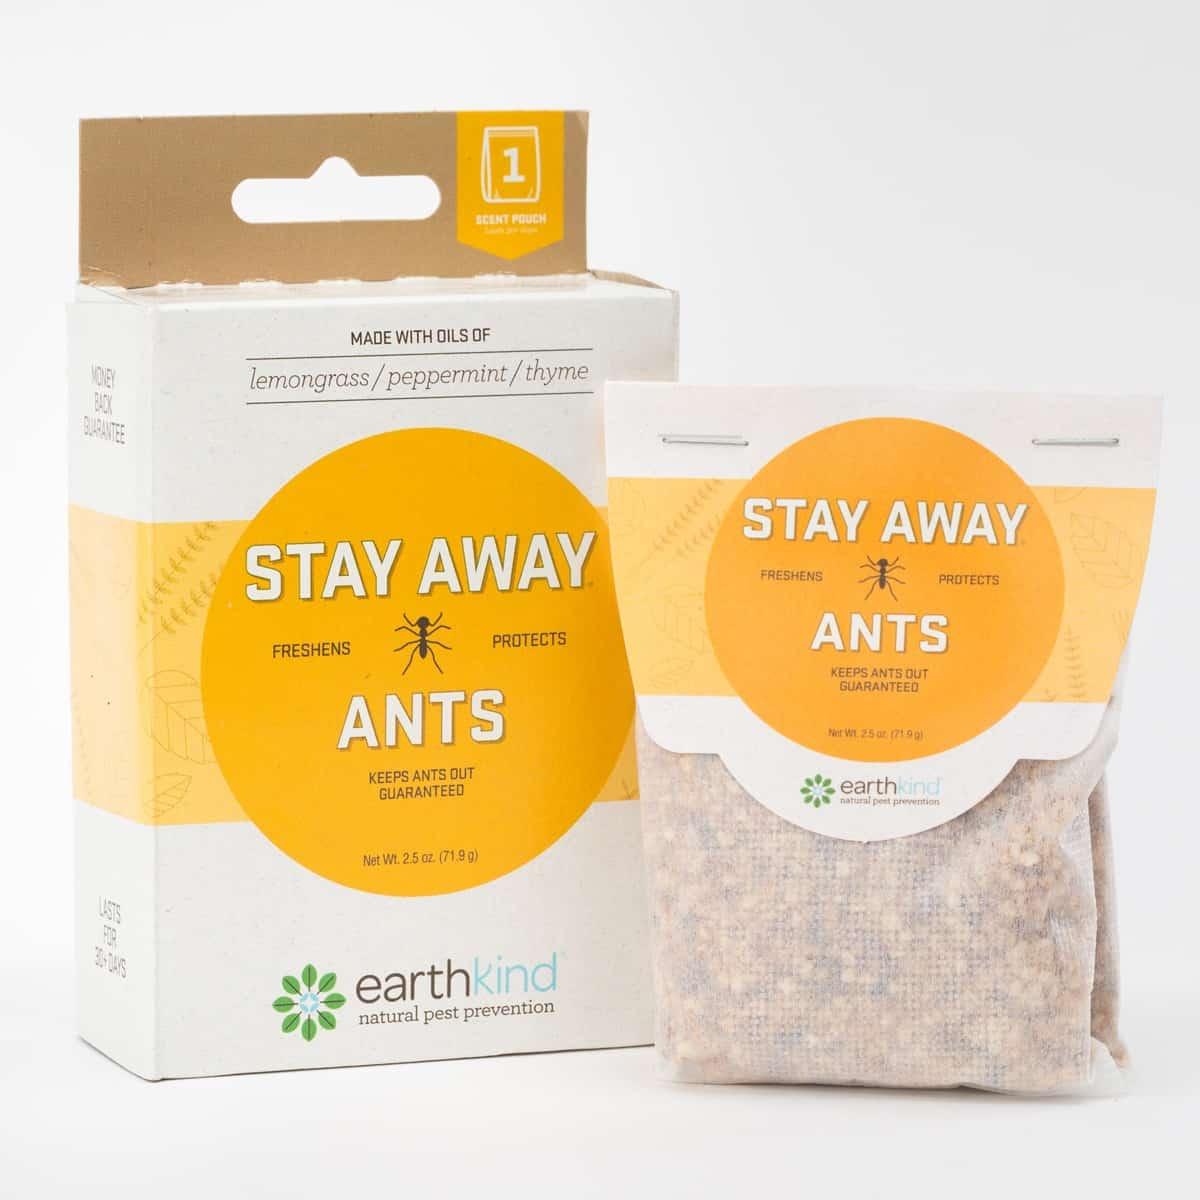 StayAway_Ants.jpg